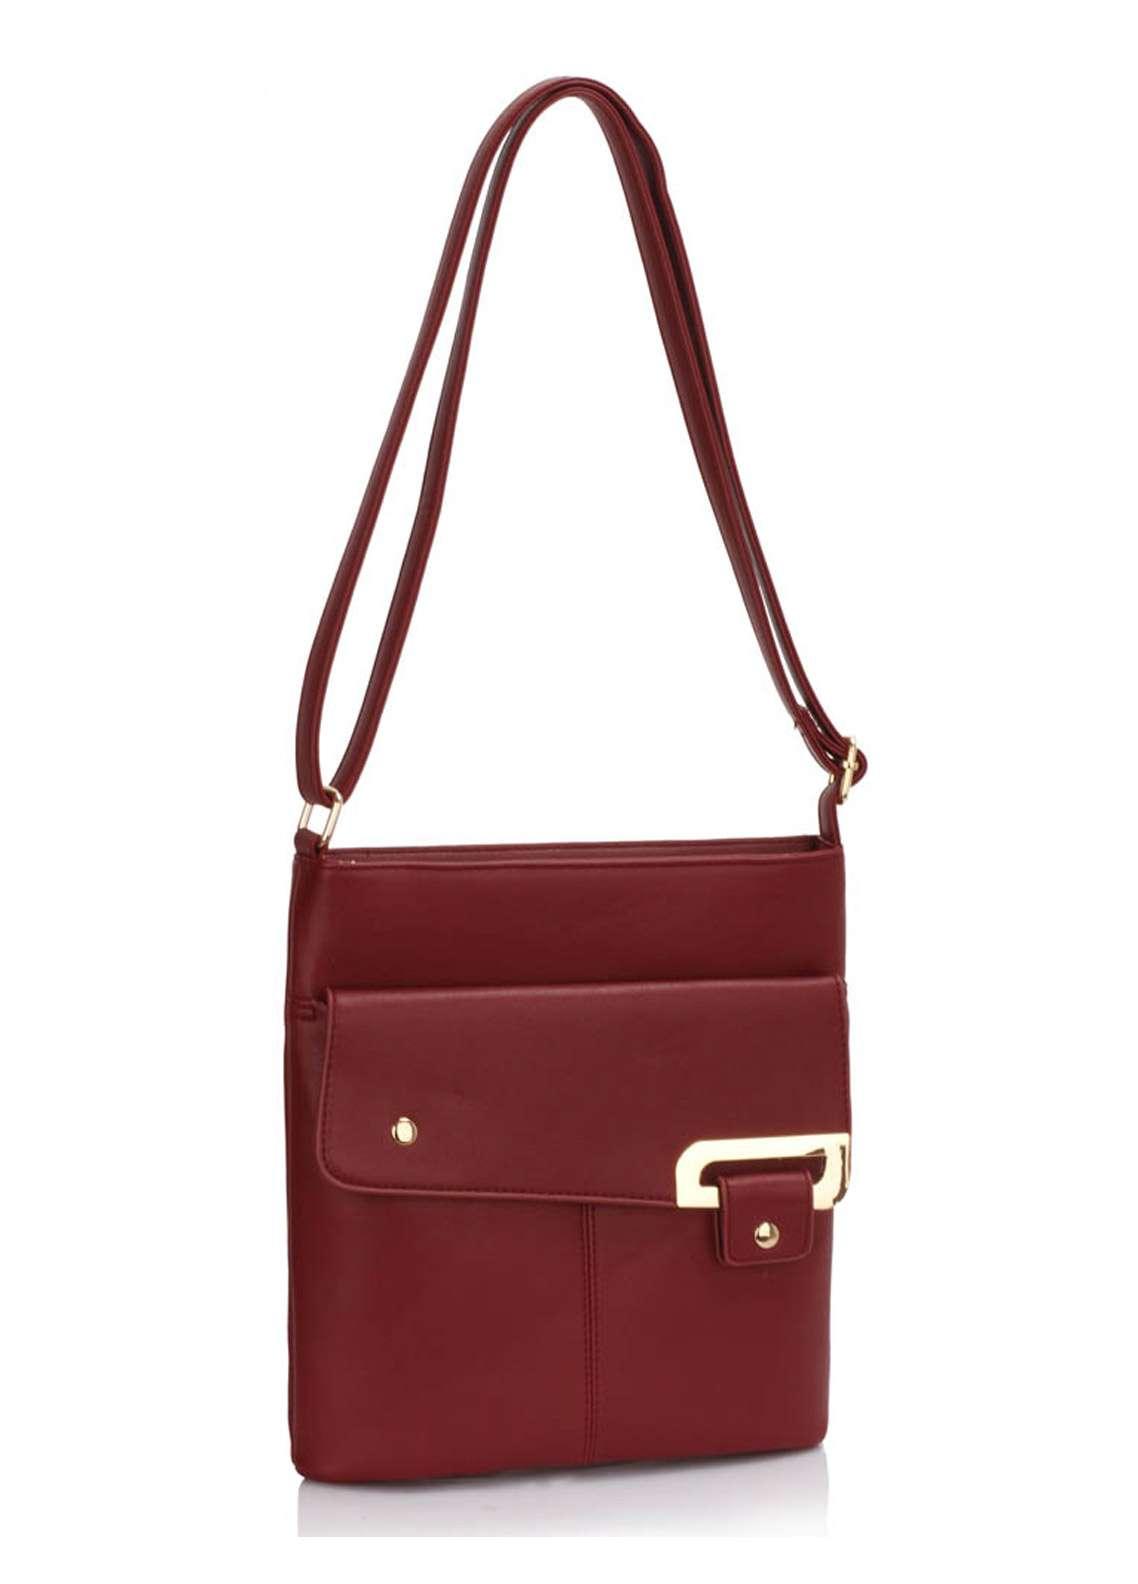 Leesun London Faux Leather Cross Body Bags for Women Burgundy